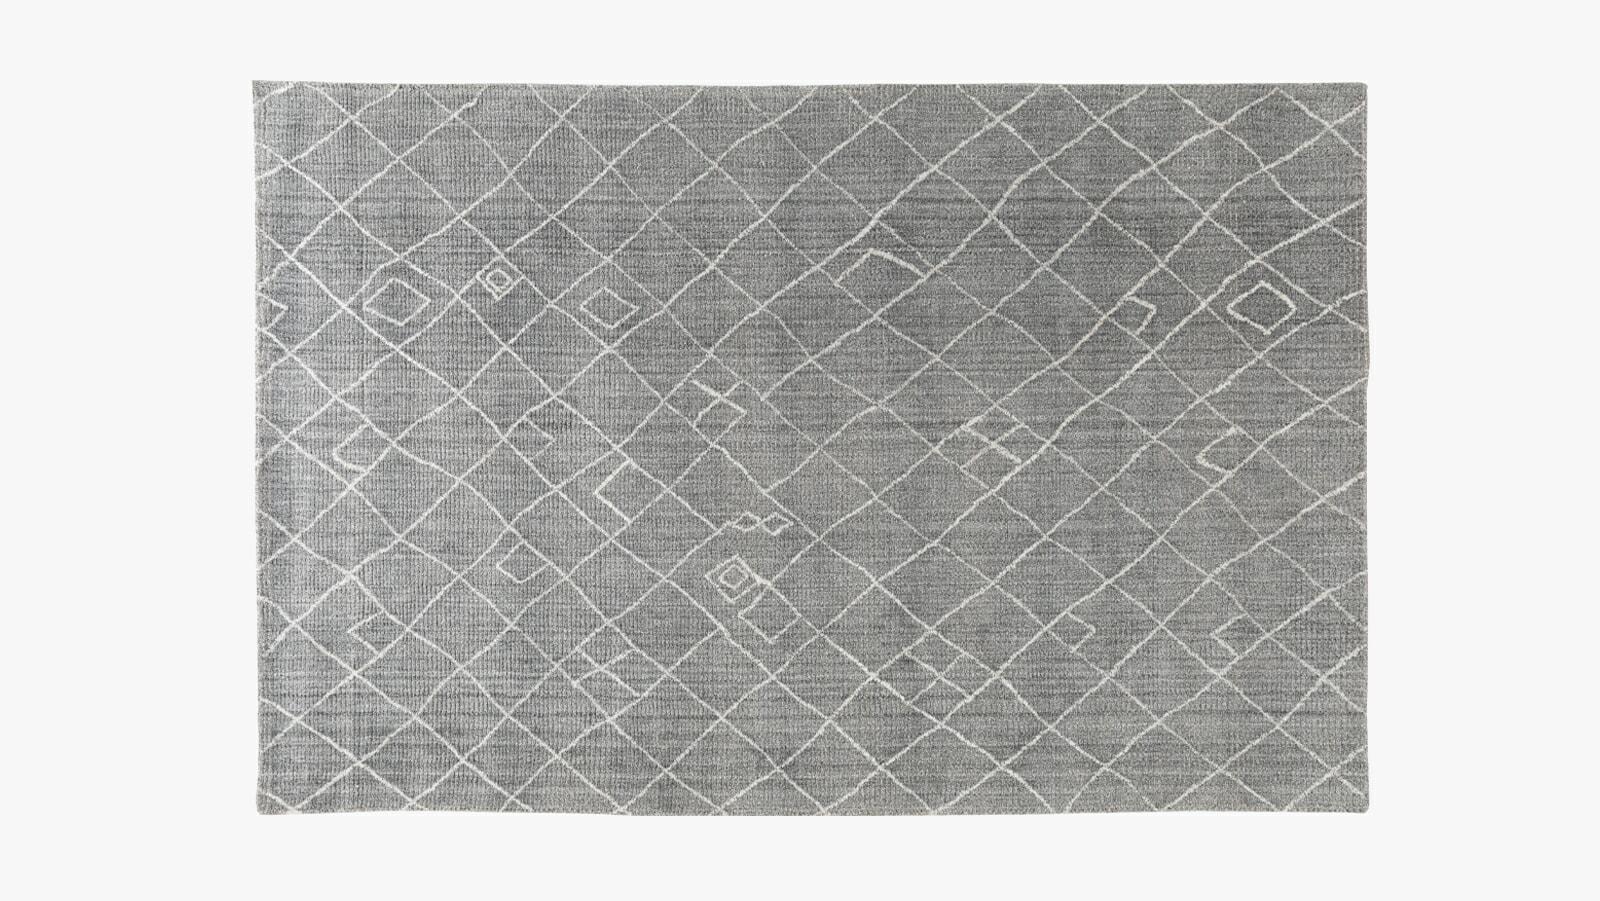 The Noa Aria rug